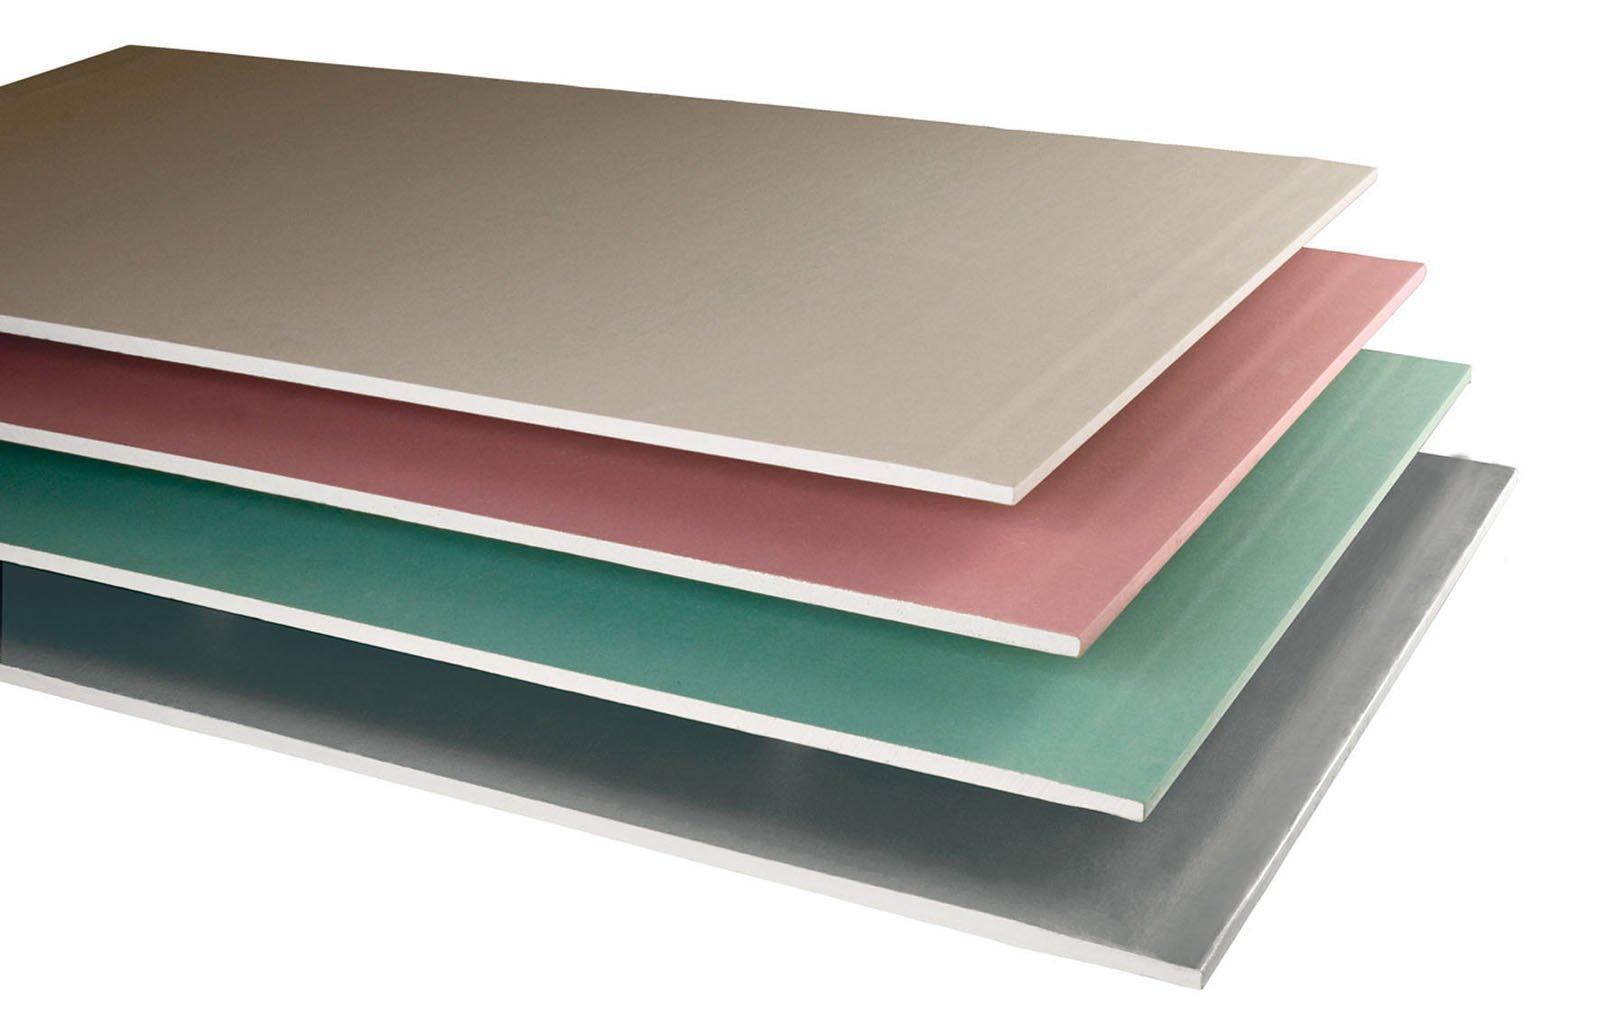 Isolamento termico per migliorare la casa cose di casa - Materiale isolante termico ...